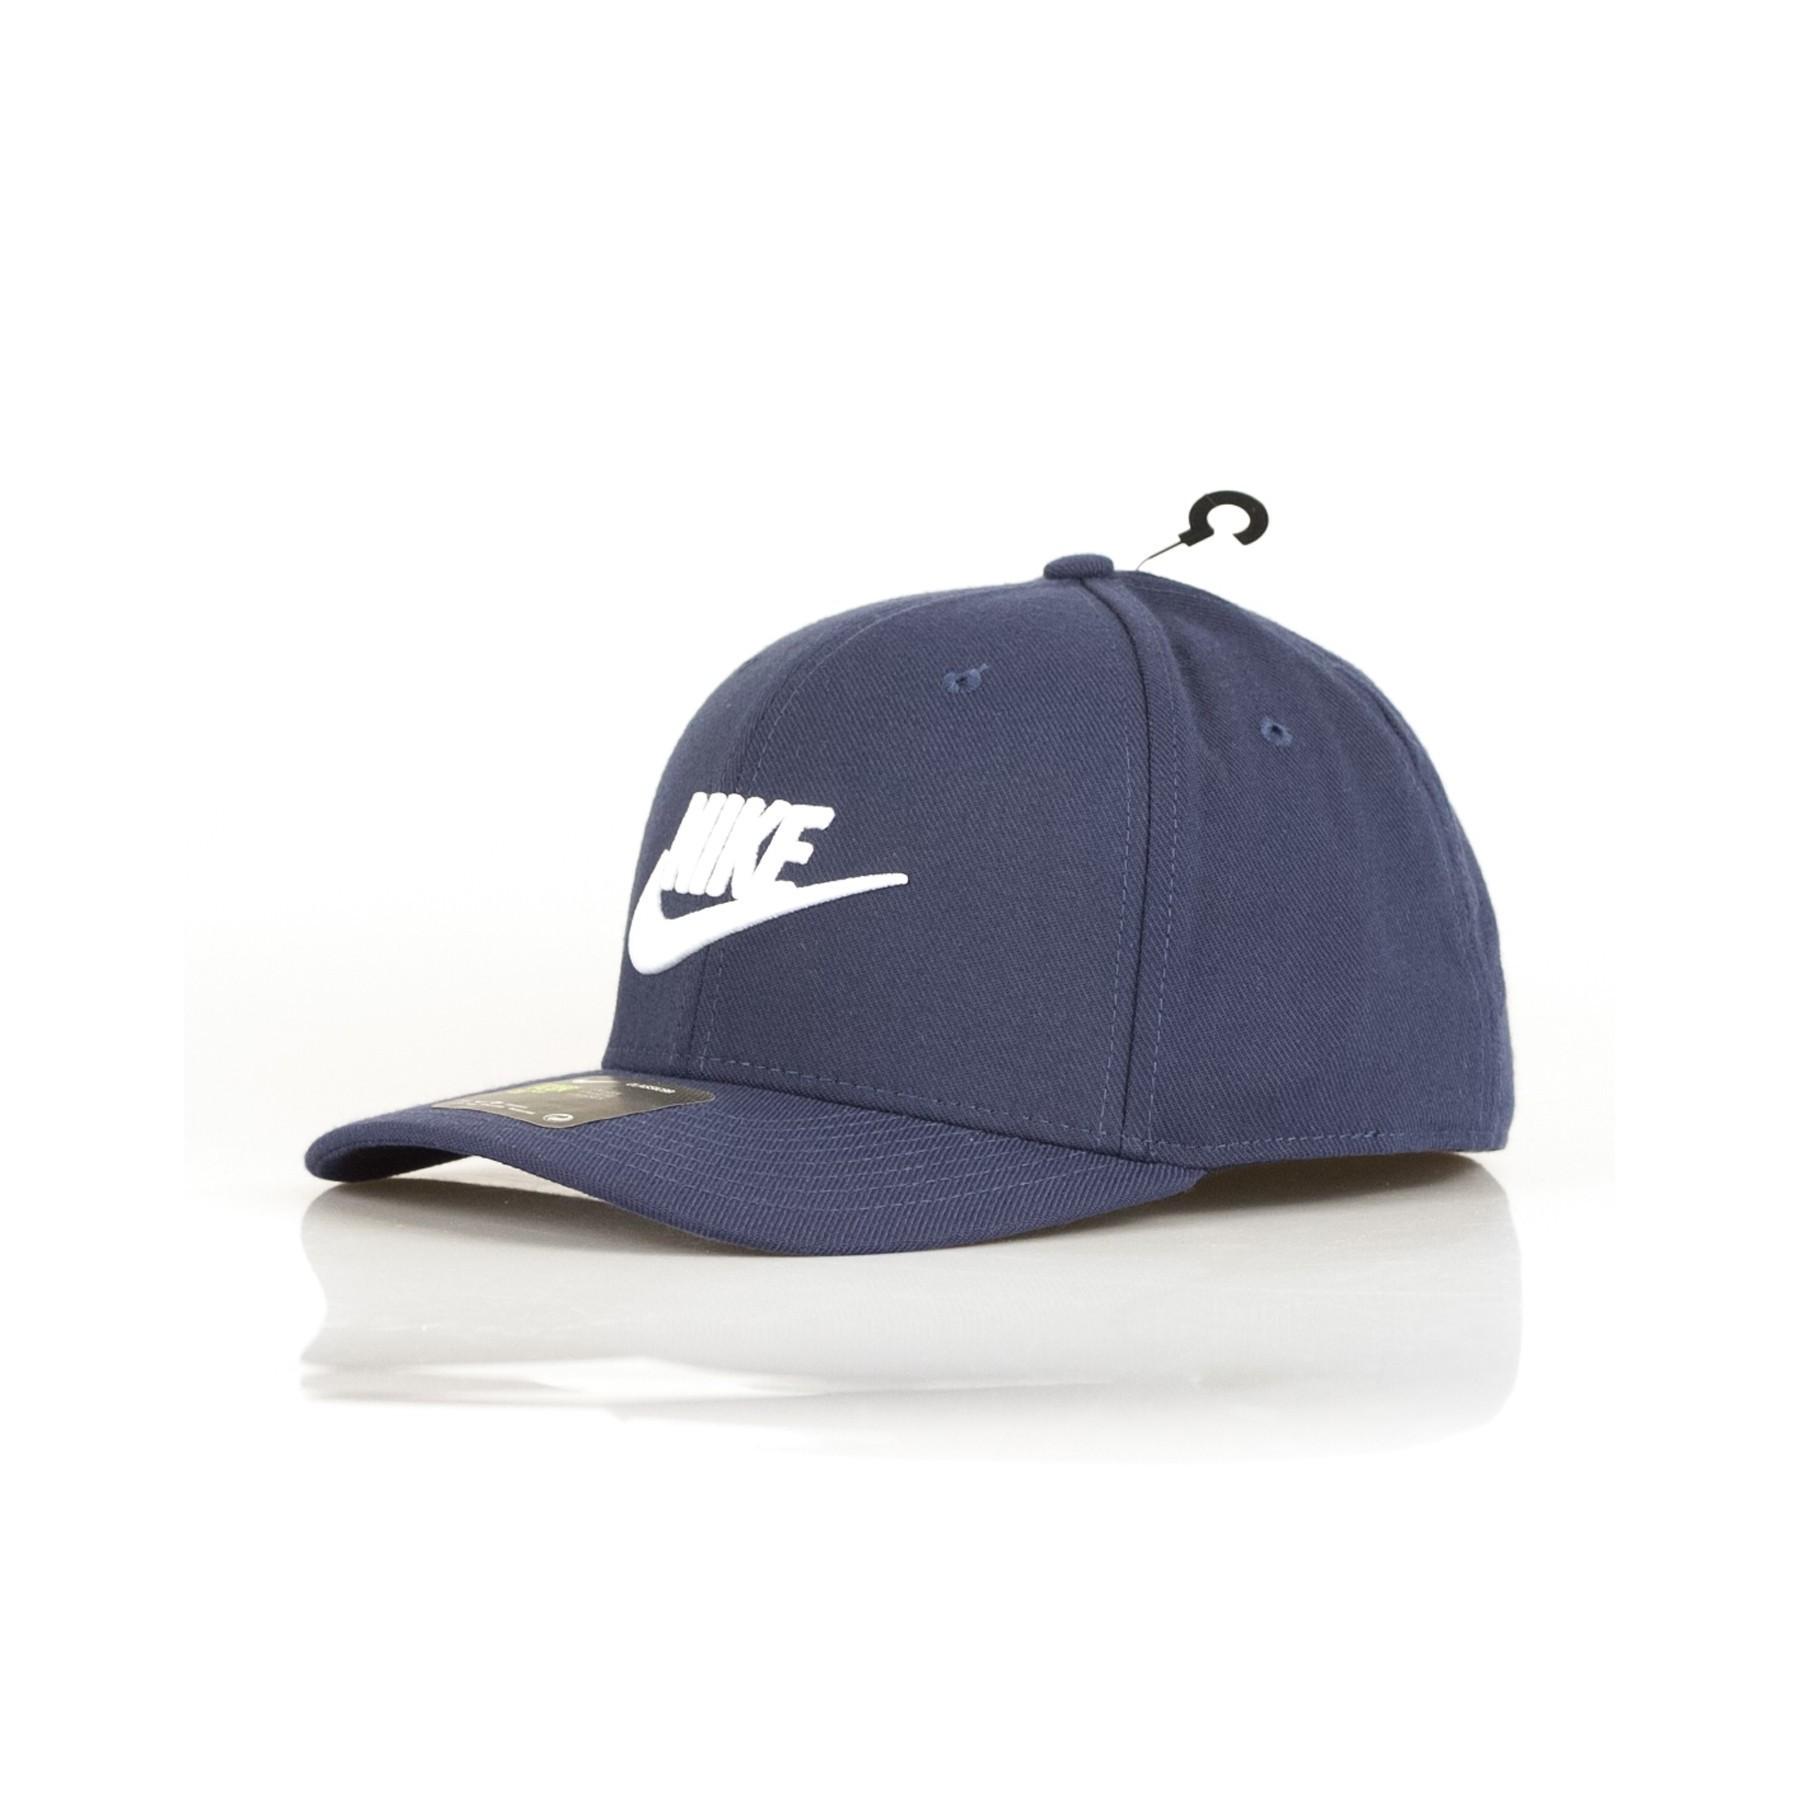 CAPPELLO FITTED CLC99 CAP SWFLX DARK BLUE WHITE  ac37334b58f